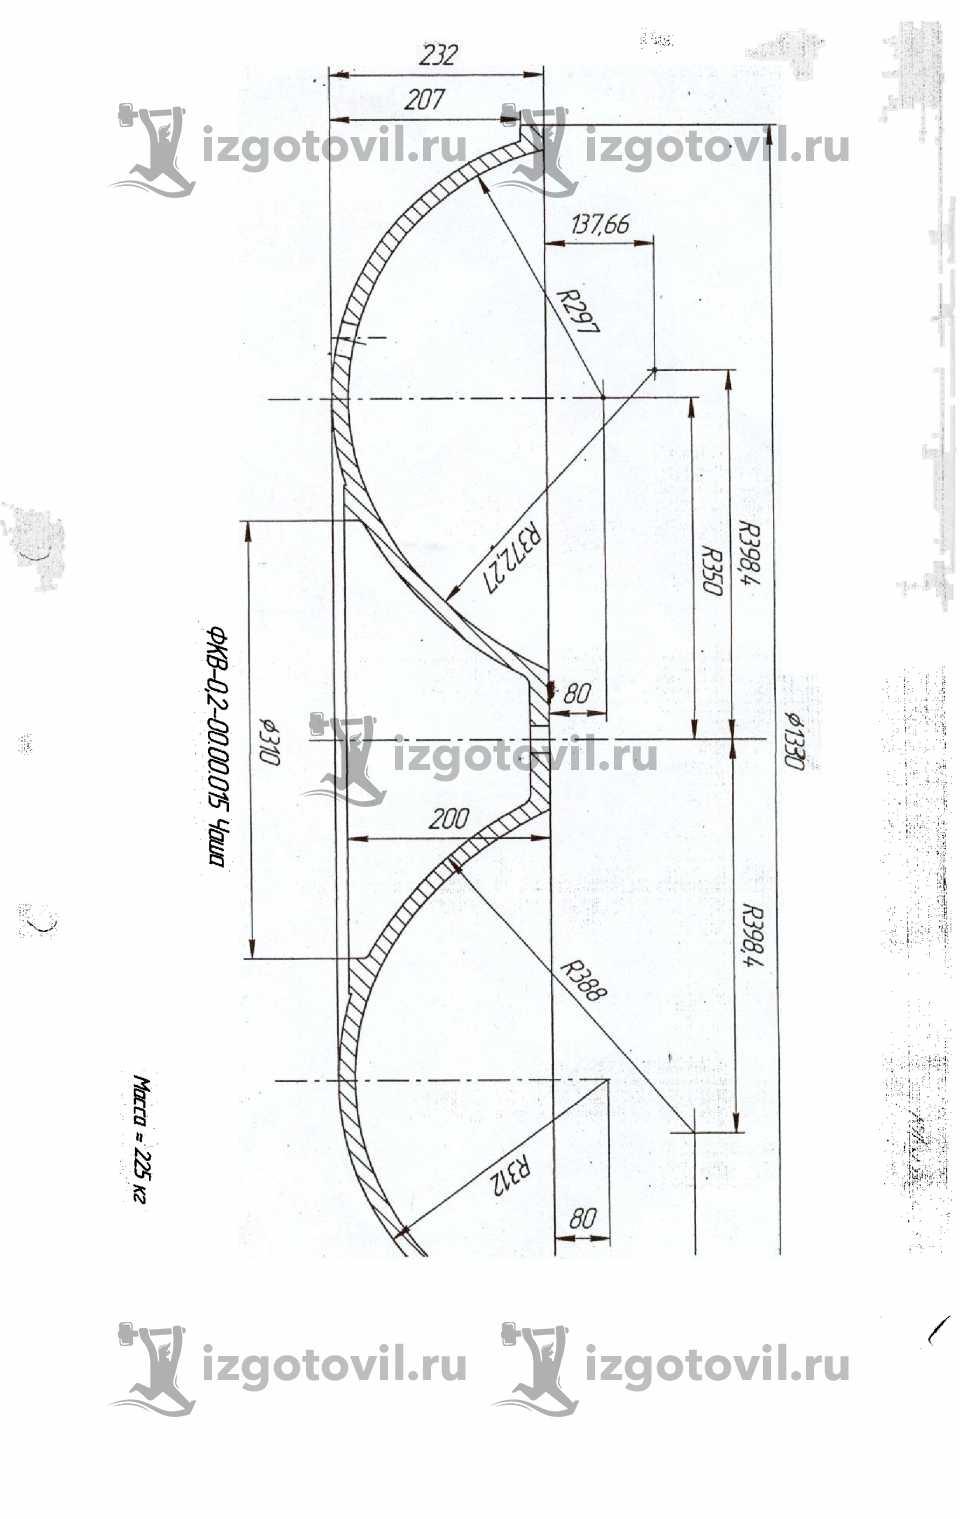 Литейное производство - изготовление чаш